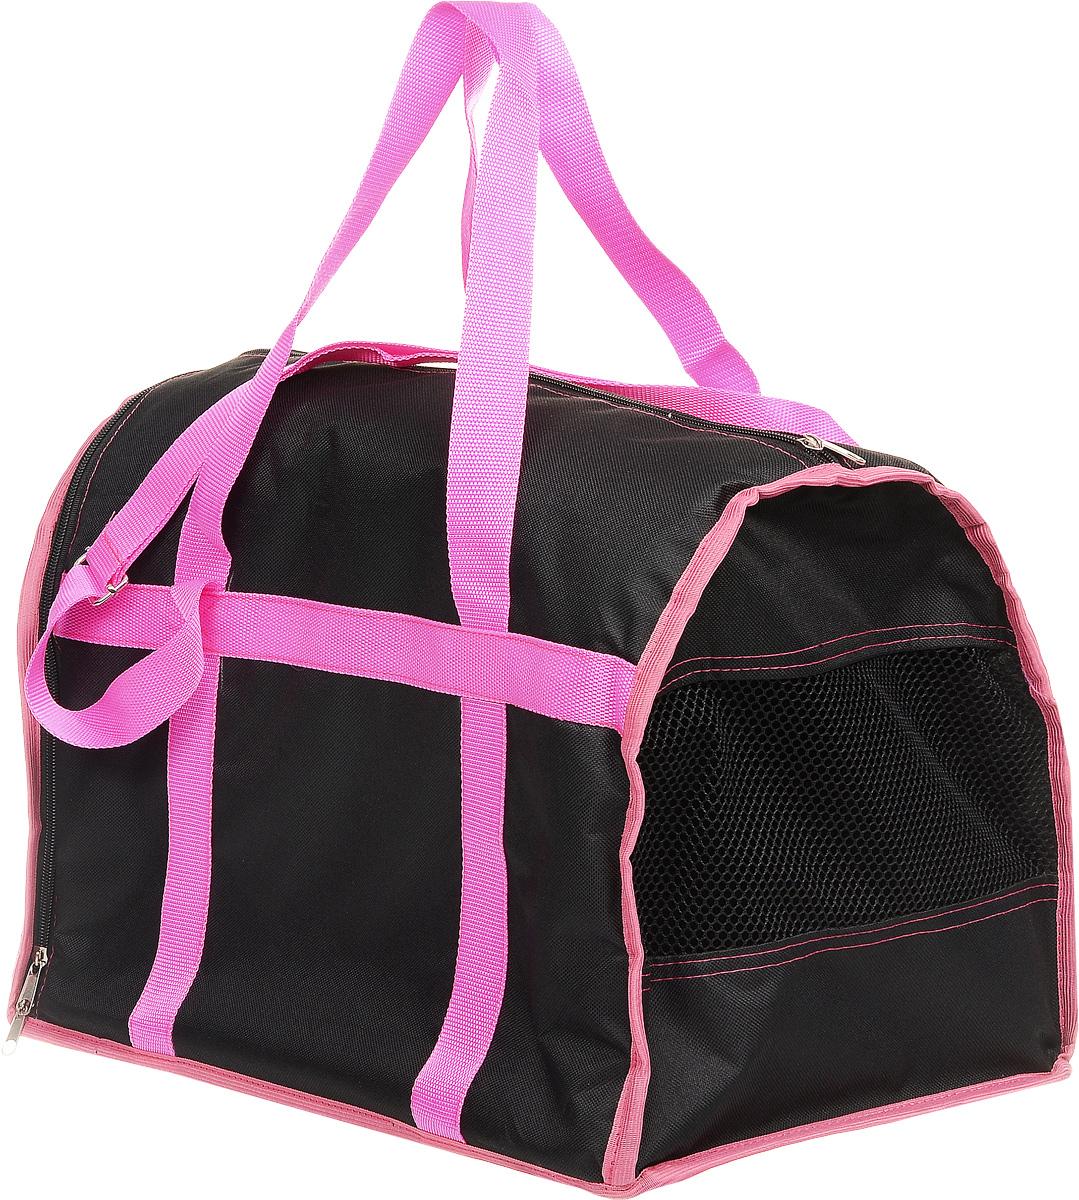 Сумка-переноска для животных Каскад Спорт, цвет: черный, розовый, 40 х 28 х 29 смCA-3505Текстильная сумка-переноска Каскад Спорт для собакмелких пород и кошек имеет твердое основание, которое непозволит животному провисать. С одной стороны переноскиимеется специальная сетчатая вставка, чтобы ваш любимец могдышать. С другой стороны сумка закрывается на застежку-молнию. В верхней части изделия есть застежка-молния, открывающая доступ в отделение для необходимых вам вещей.Для удобной переноски у сумки имеются две ручки ирегулируемая лямка.При необходимости сумку можно сложить. Сумка-переноска Каскад Спорт понравится вашимдомашним любимцам.